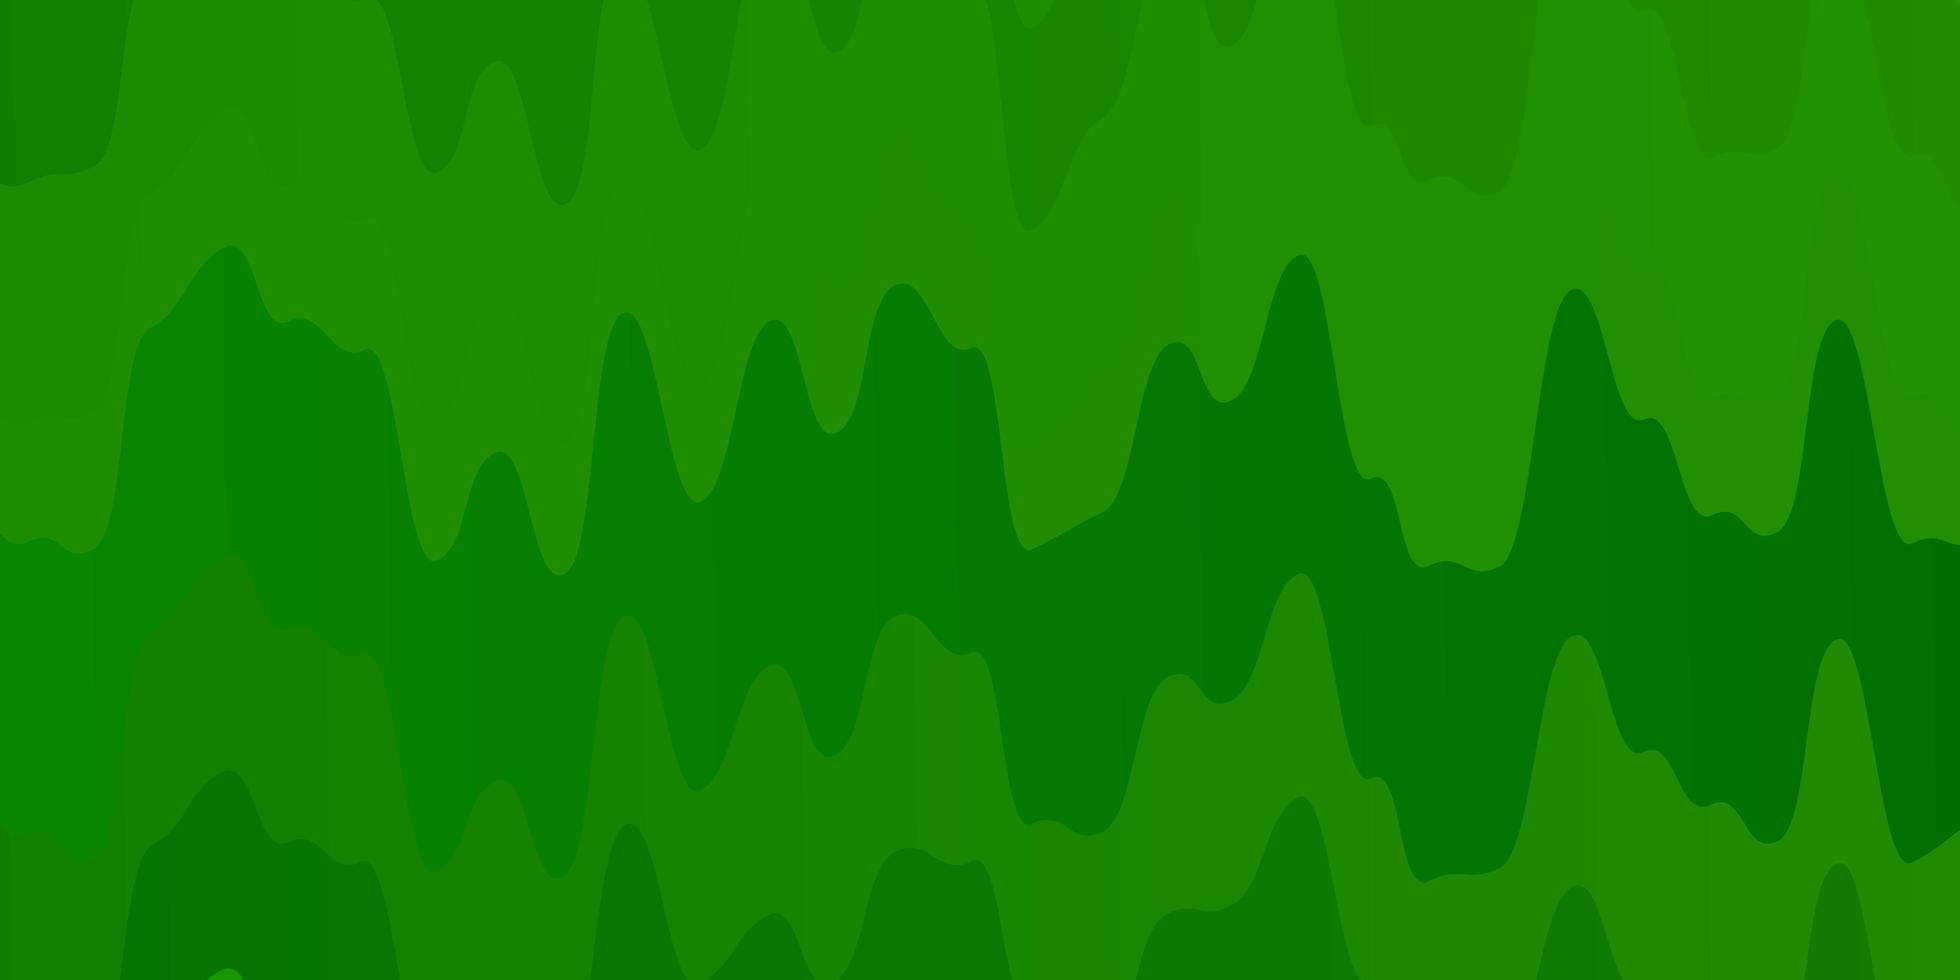 fundo verde claro com linhas curvas. vetor